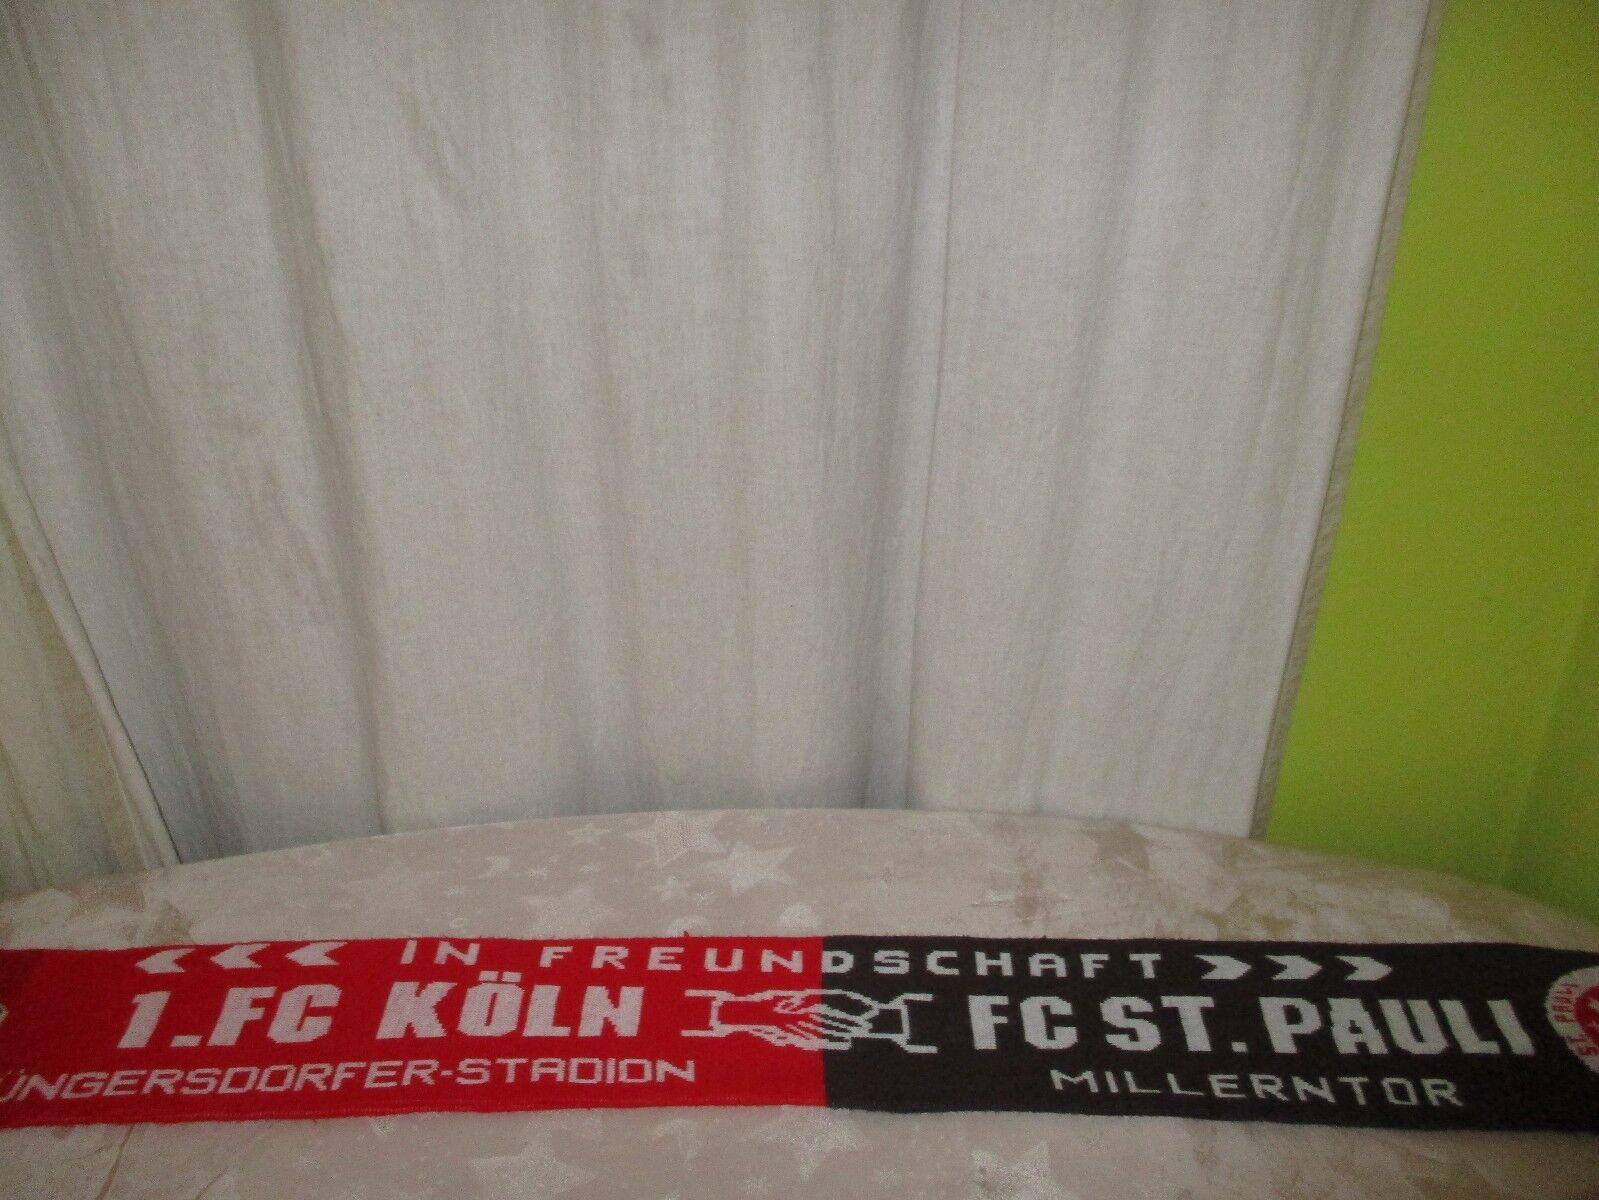 1.FC Köln/FC St.Pauli Original Fan Freundschaft Schal